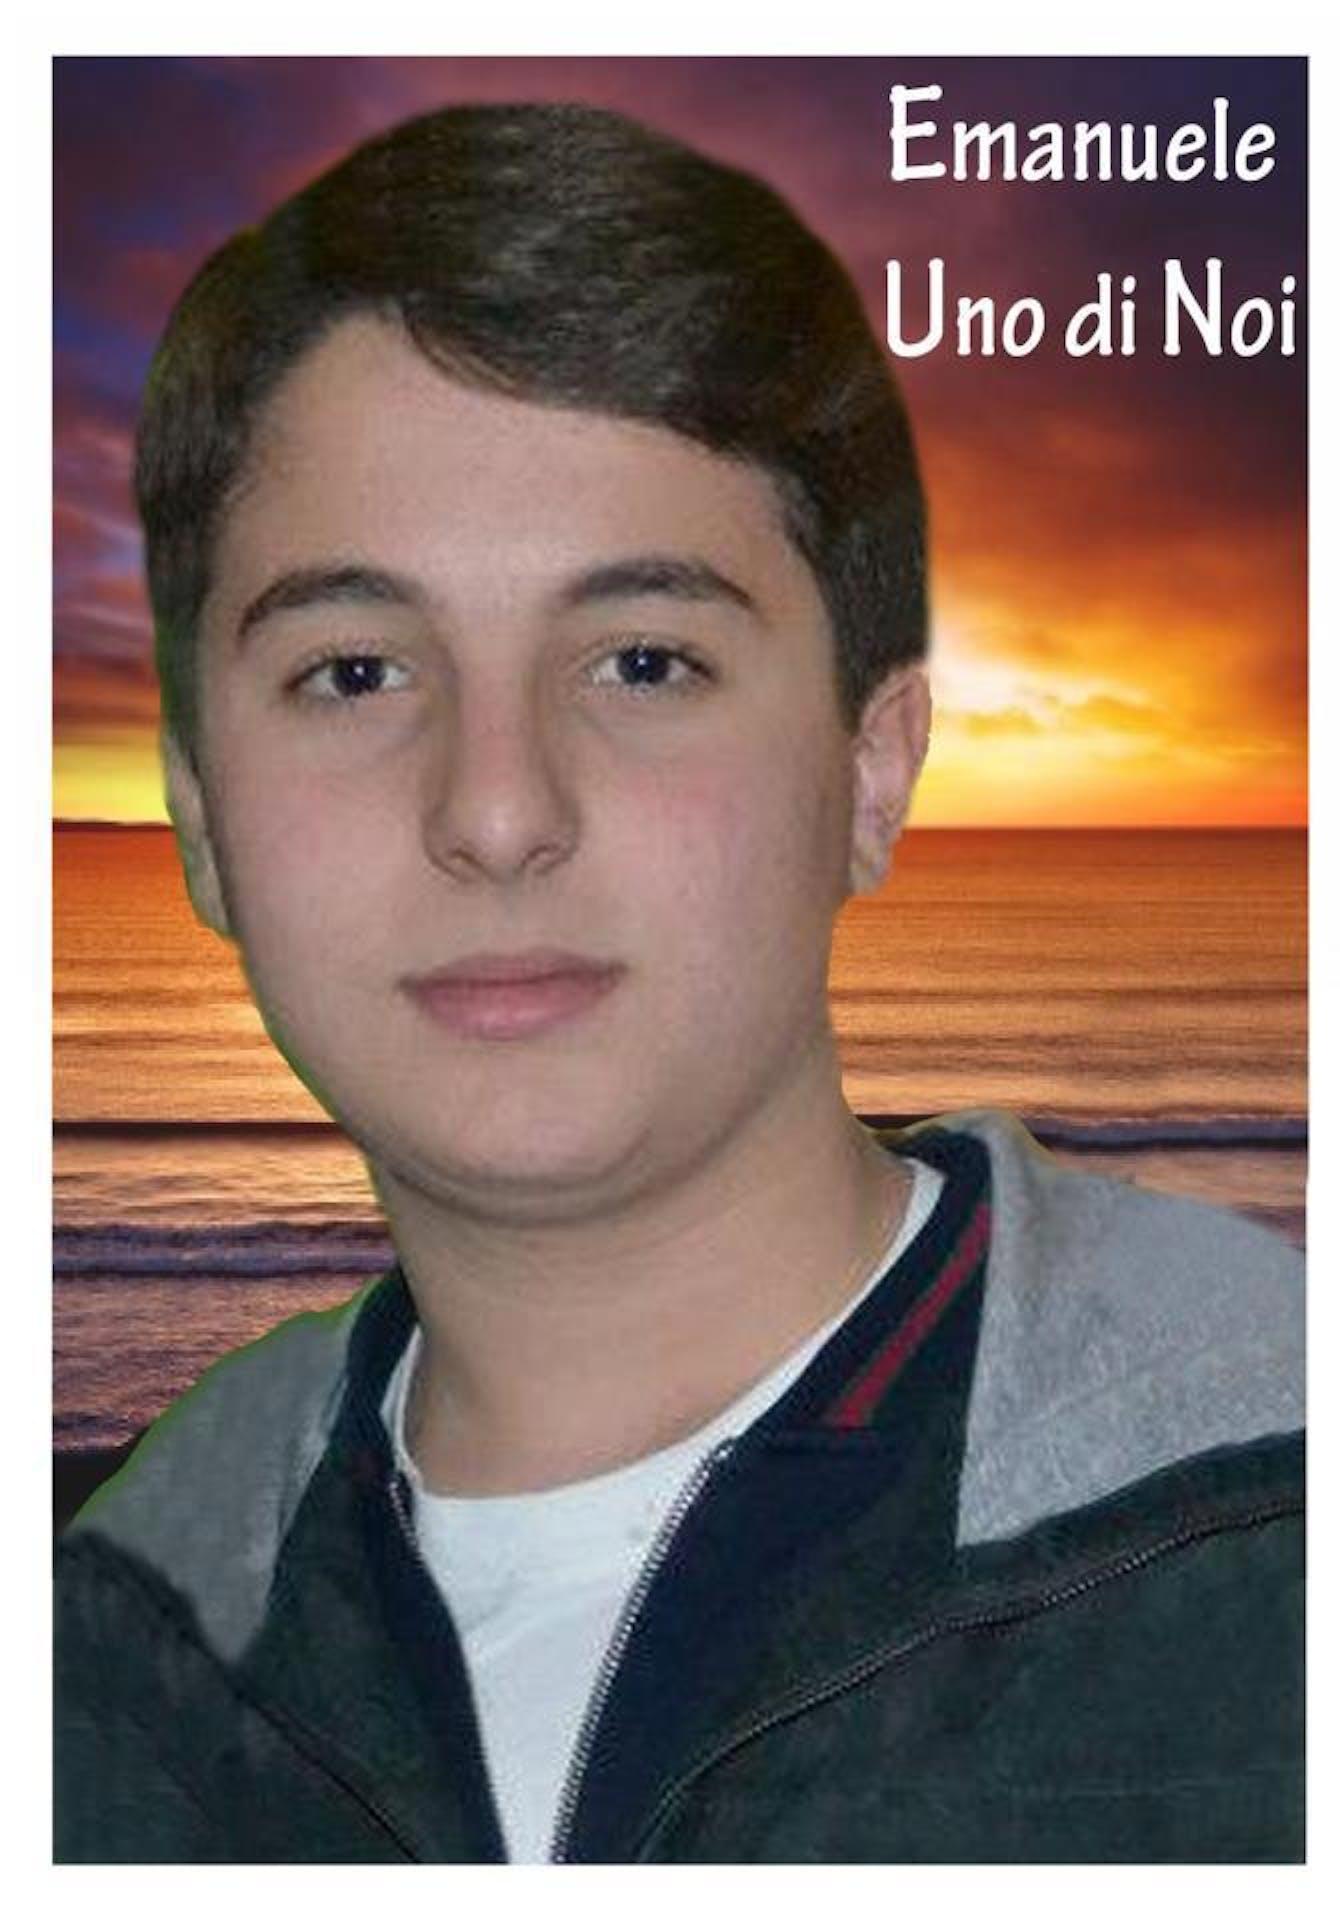 Gli studenti di Aversa ricordano Emanuele